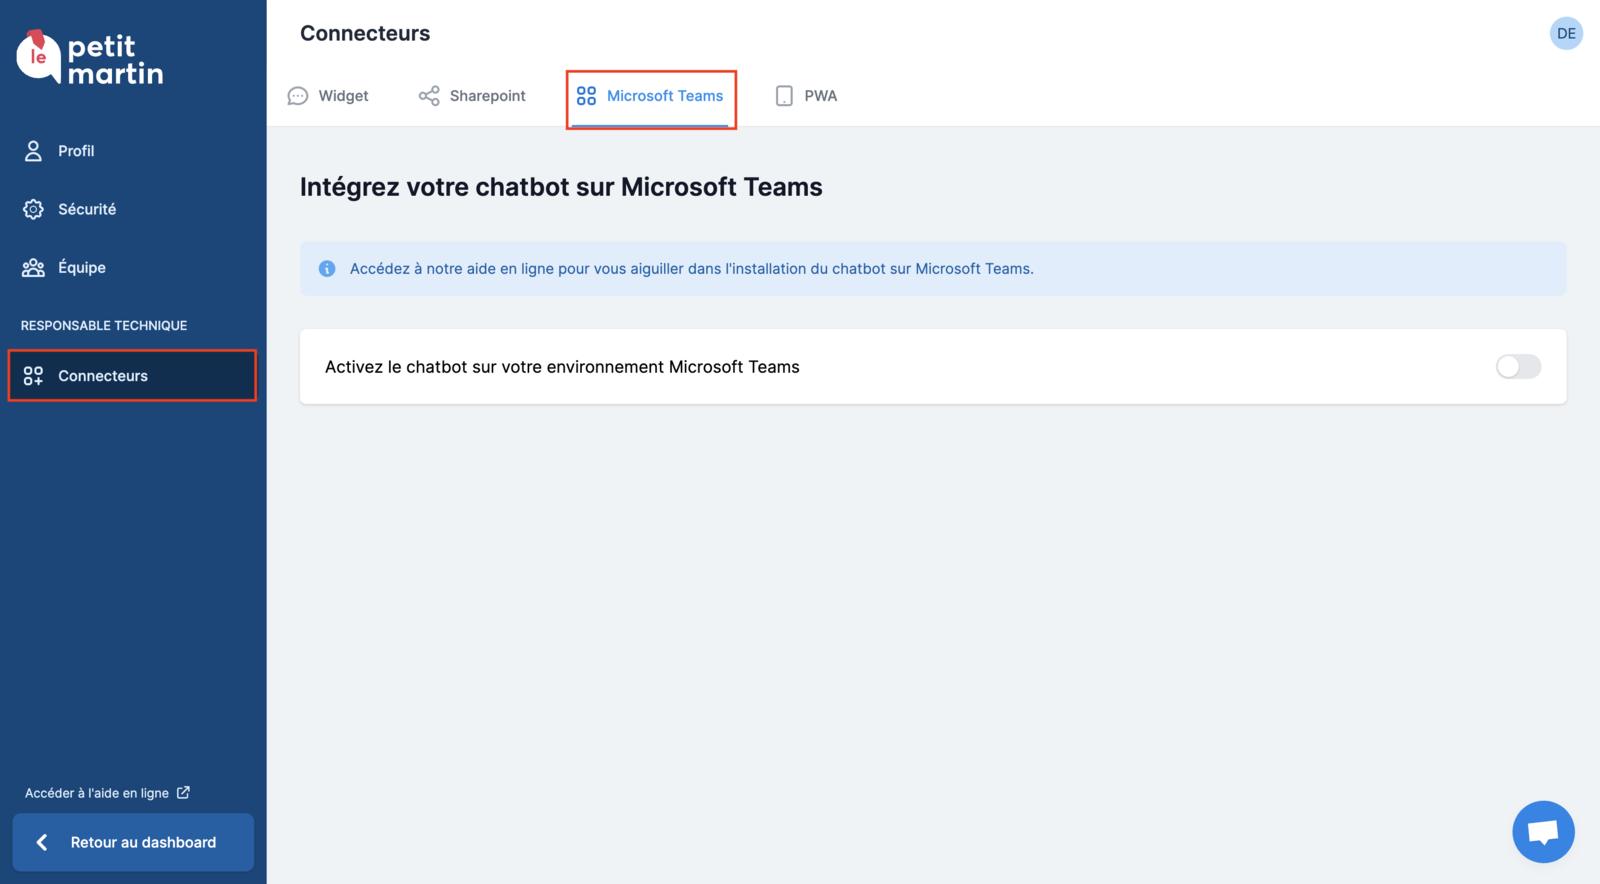 Accéder aux paramètres du connecteur Microsoft Teams